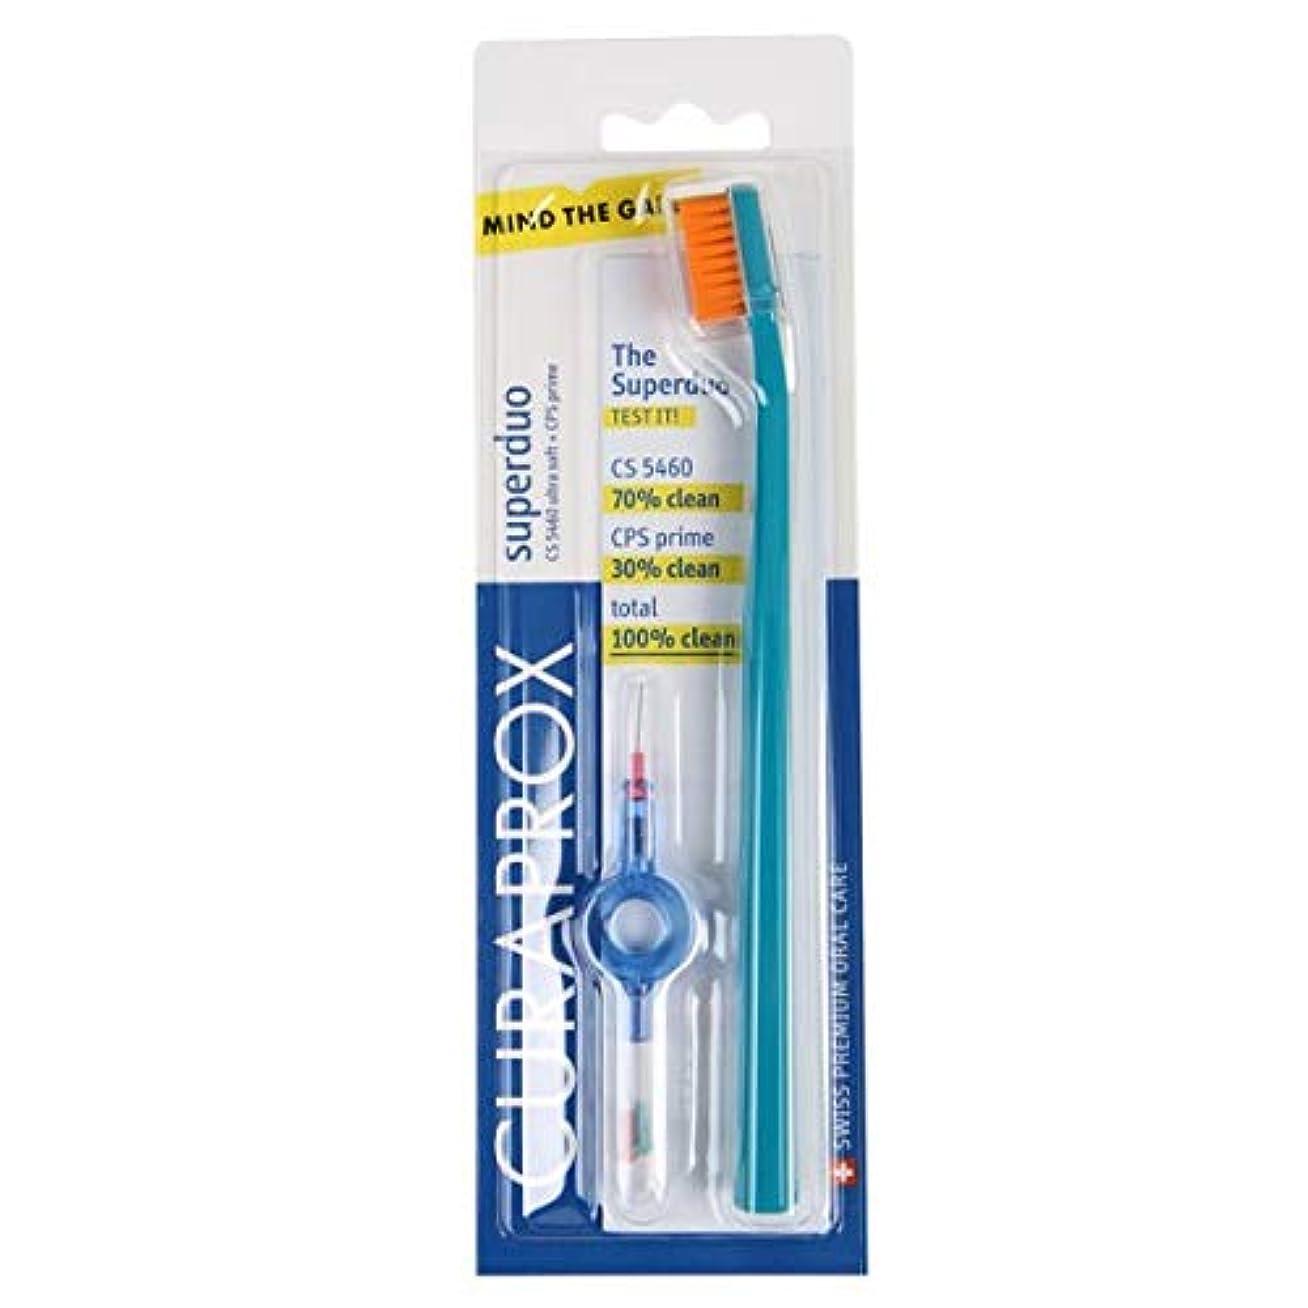 フェザーシェフ剥ぎ取るクラプロックス 歯ブラシ+歯間ブラシ セット CS 5460 + CPS 06/07/08, UHS 409 holder + cap